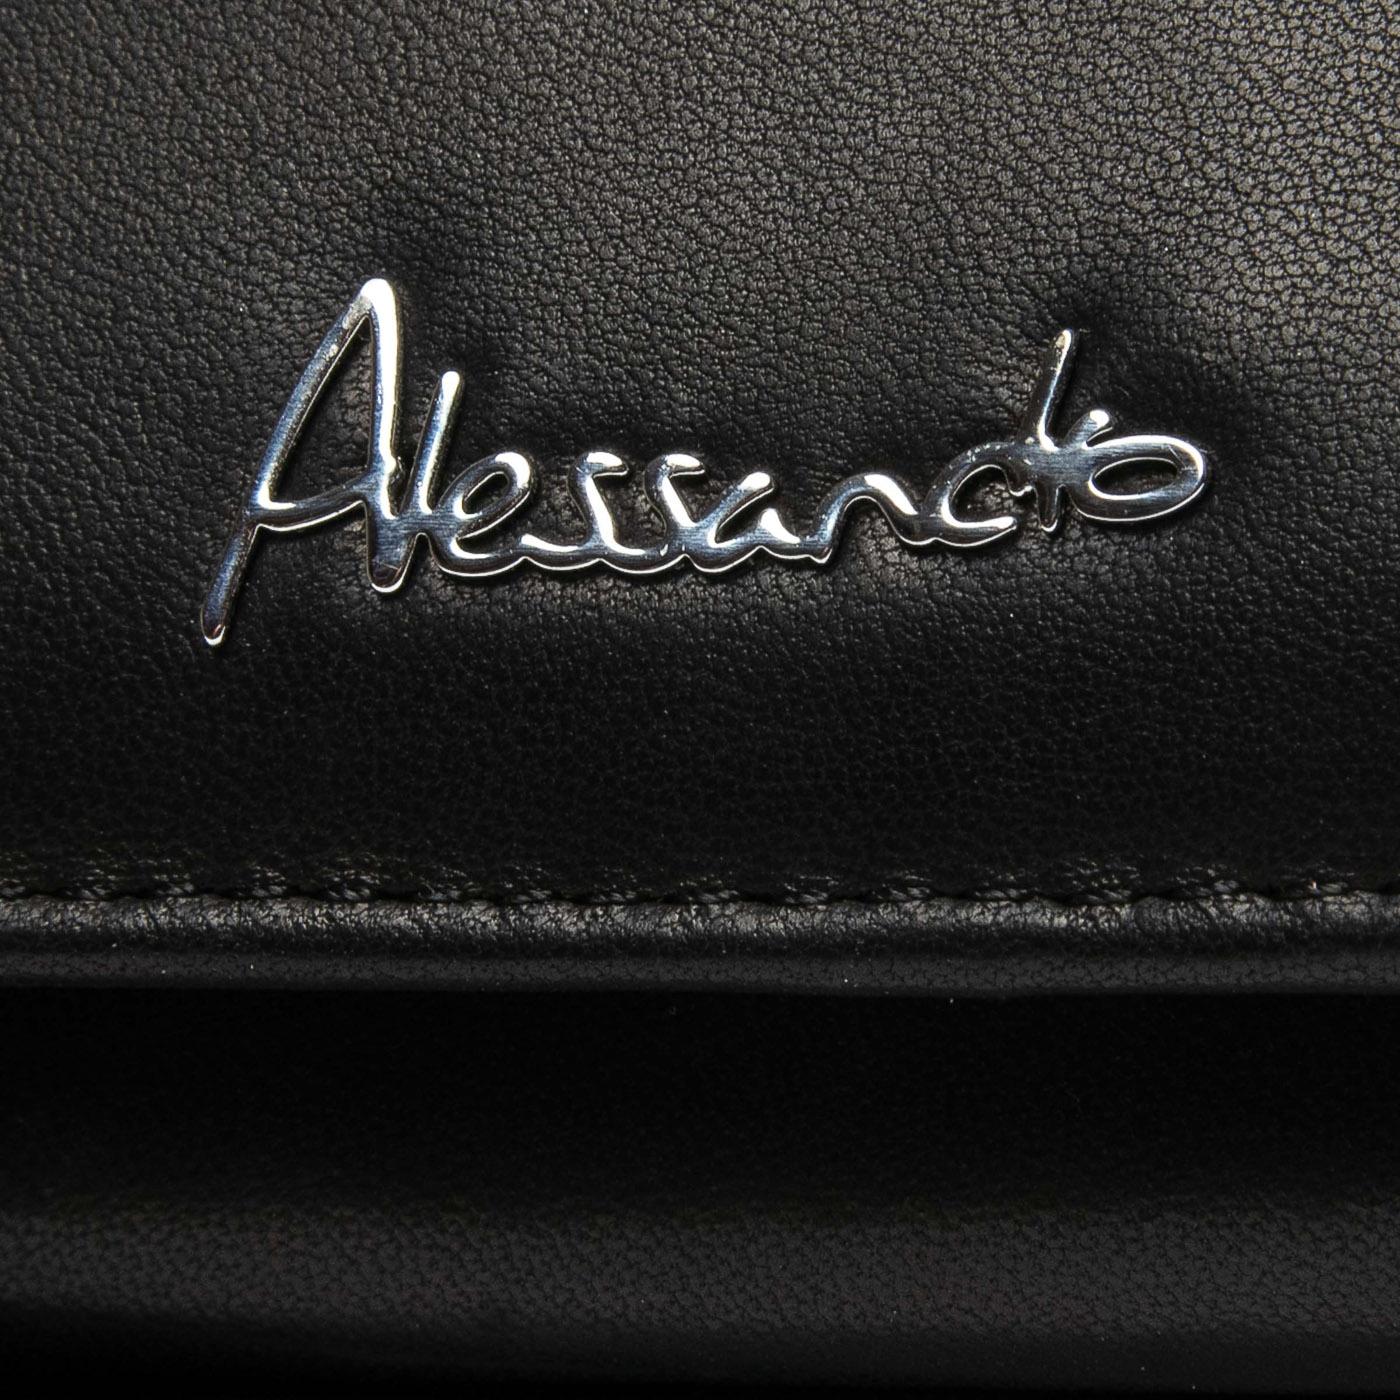 Кошелек NAPPA кожа ALESSANDRO PAOLI W1-V black